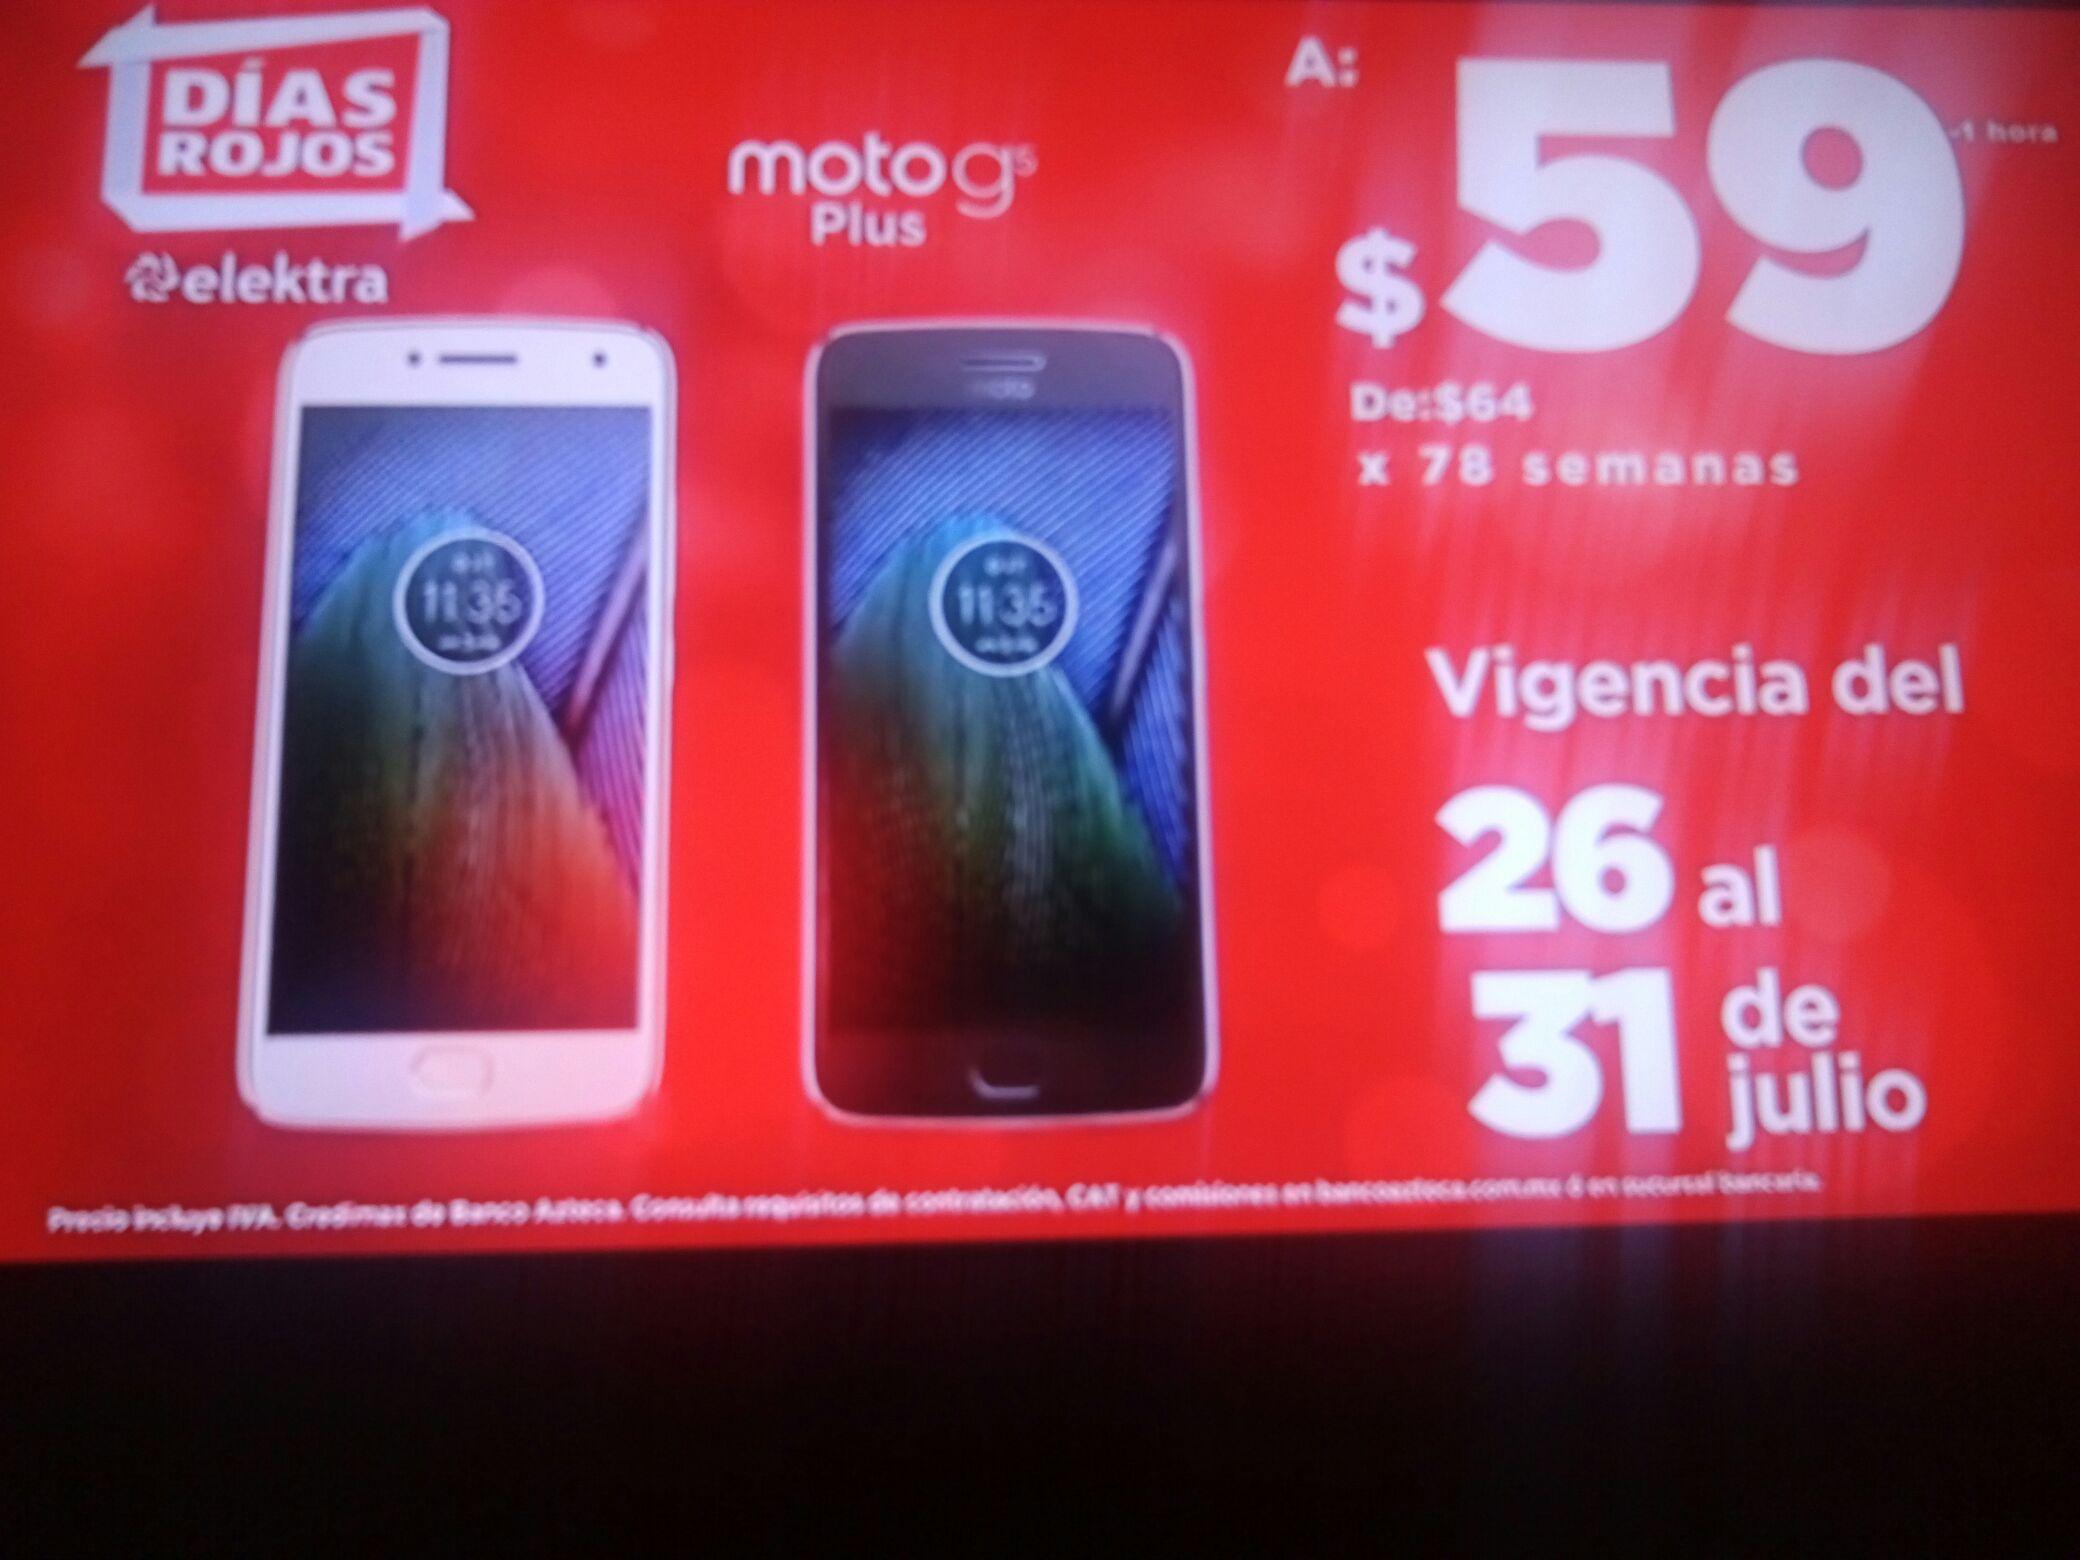 Elektra: Moto G5 PLUS a 78 semanas de $59